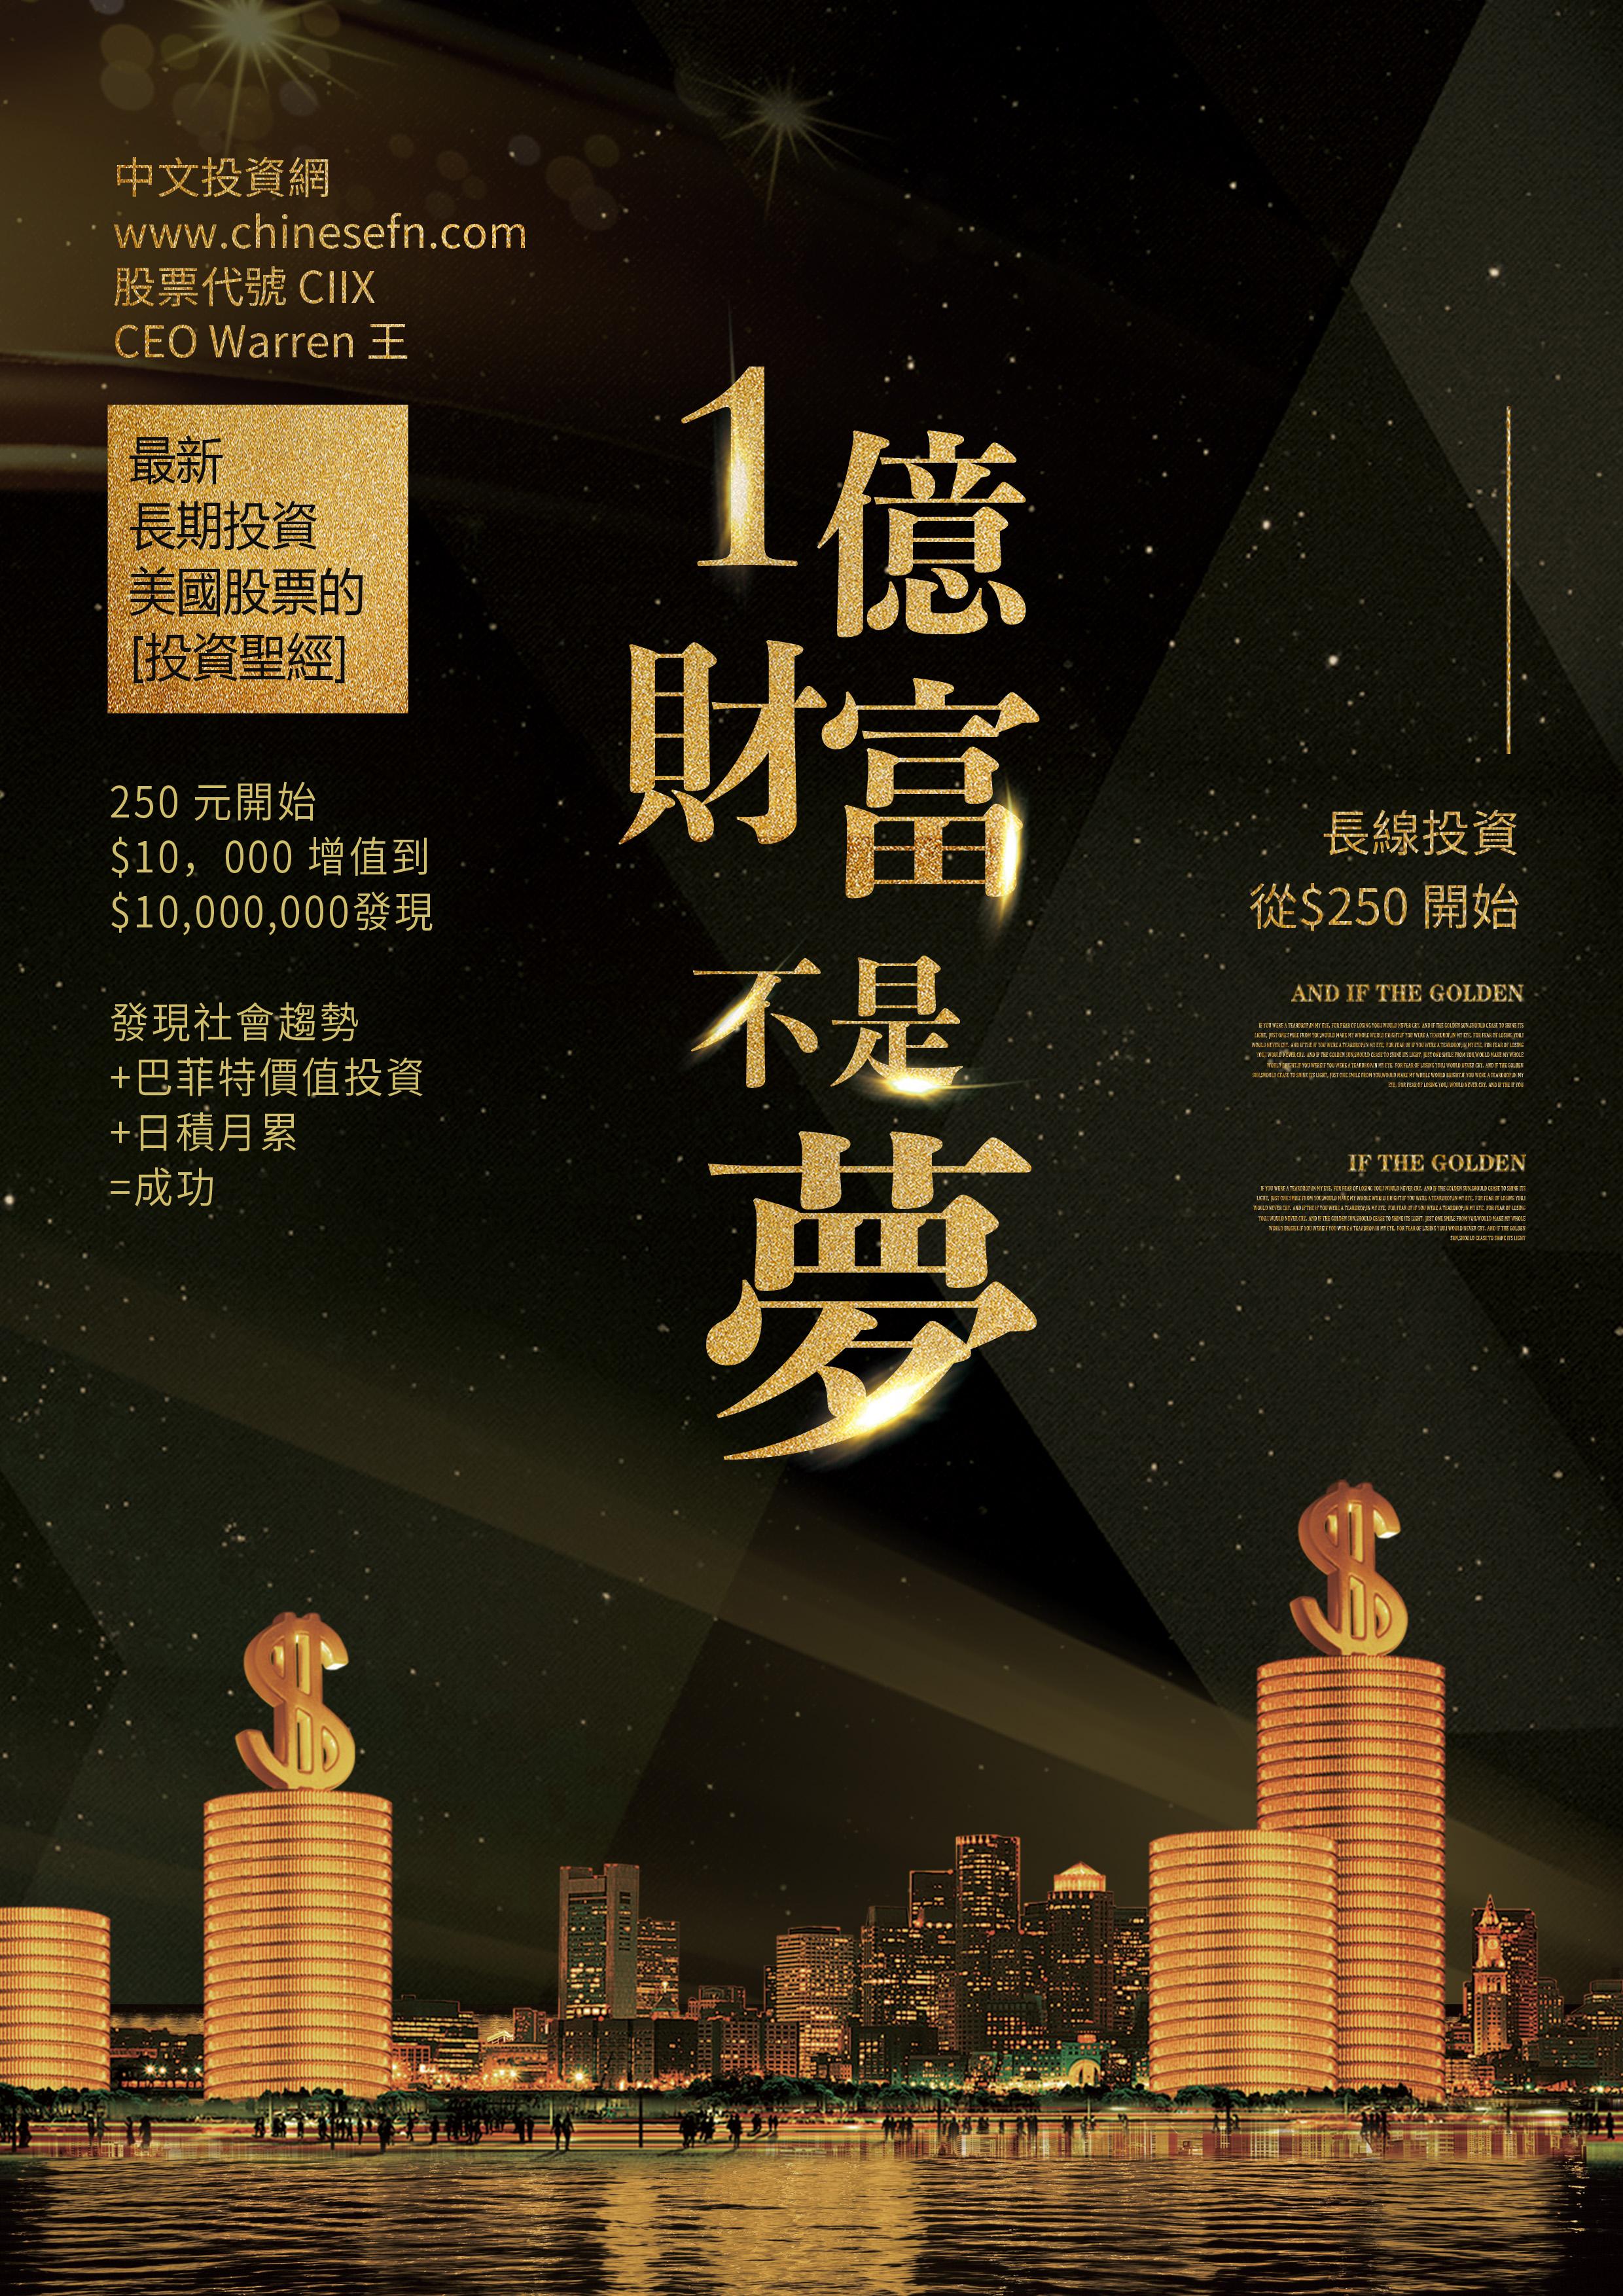 【视频】中文投资网美股网红达人巡回见面会-纽约站